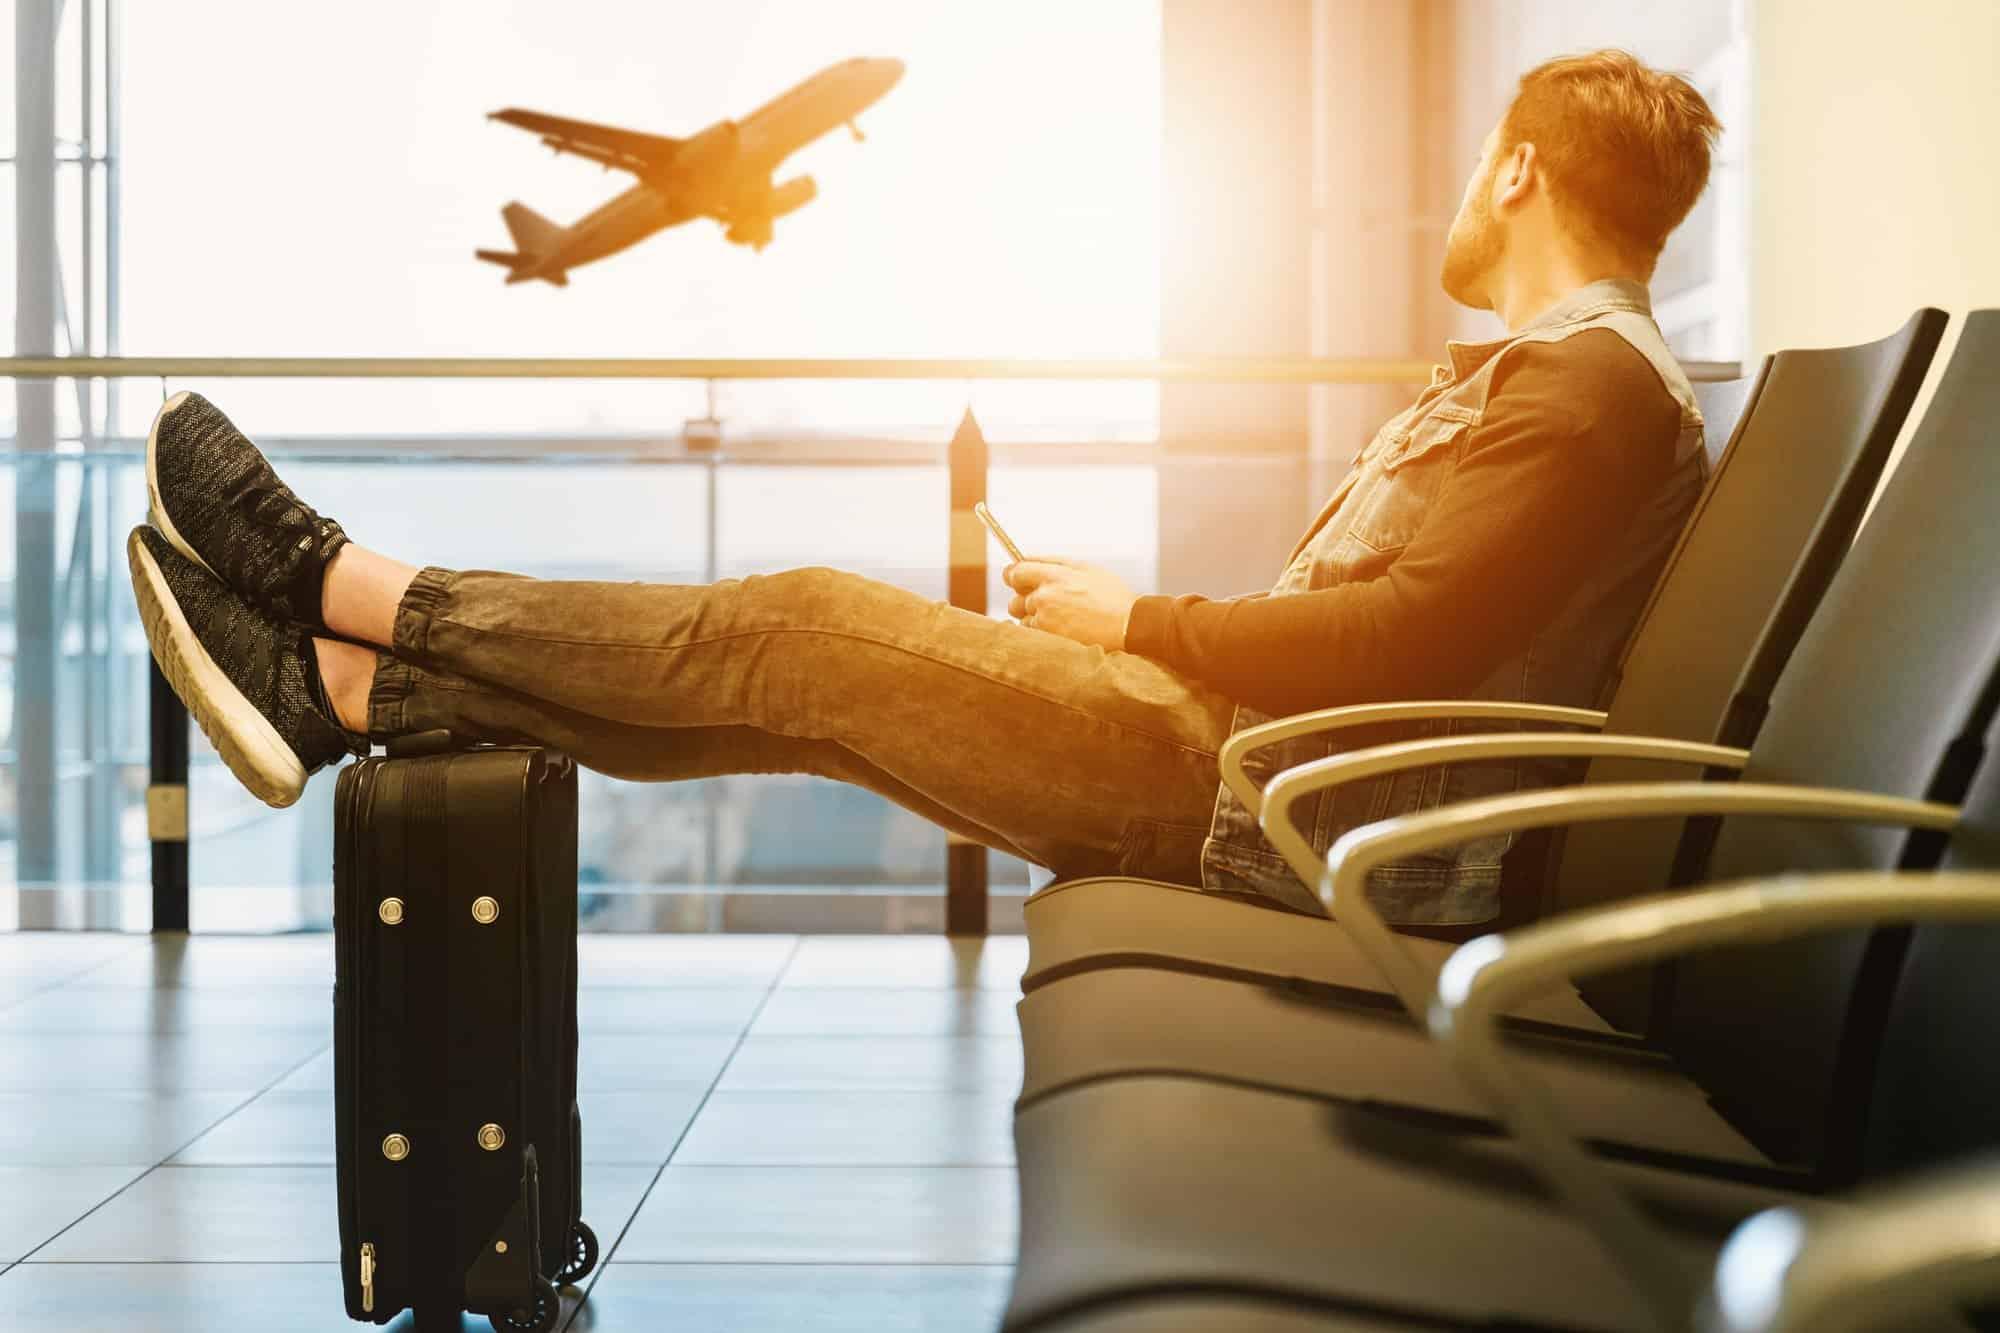 Riskanter Trend: Immer mehr Deutsche verzichten auf wichtige Reiseversicherung